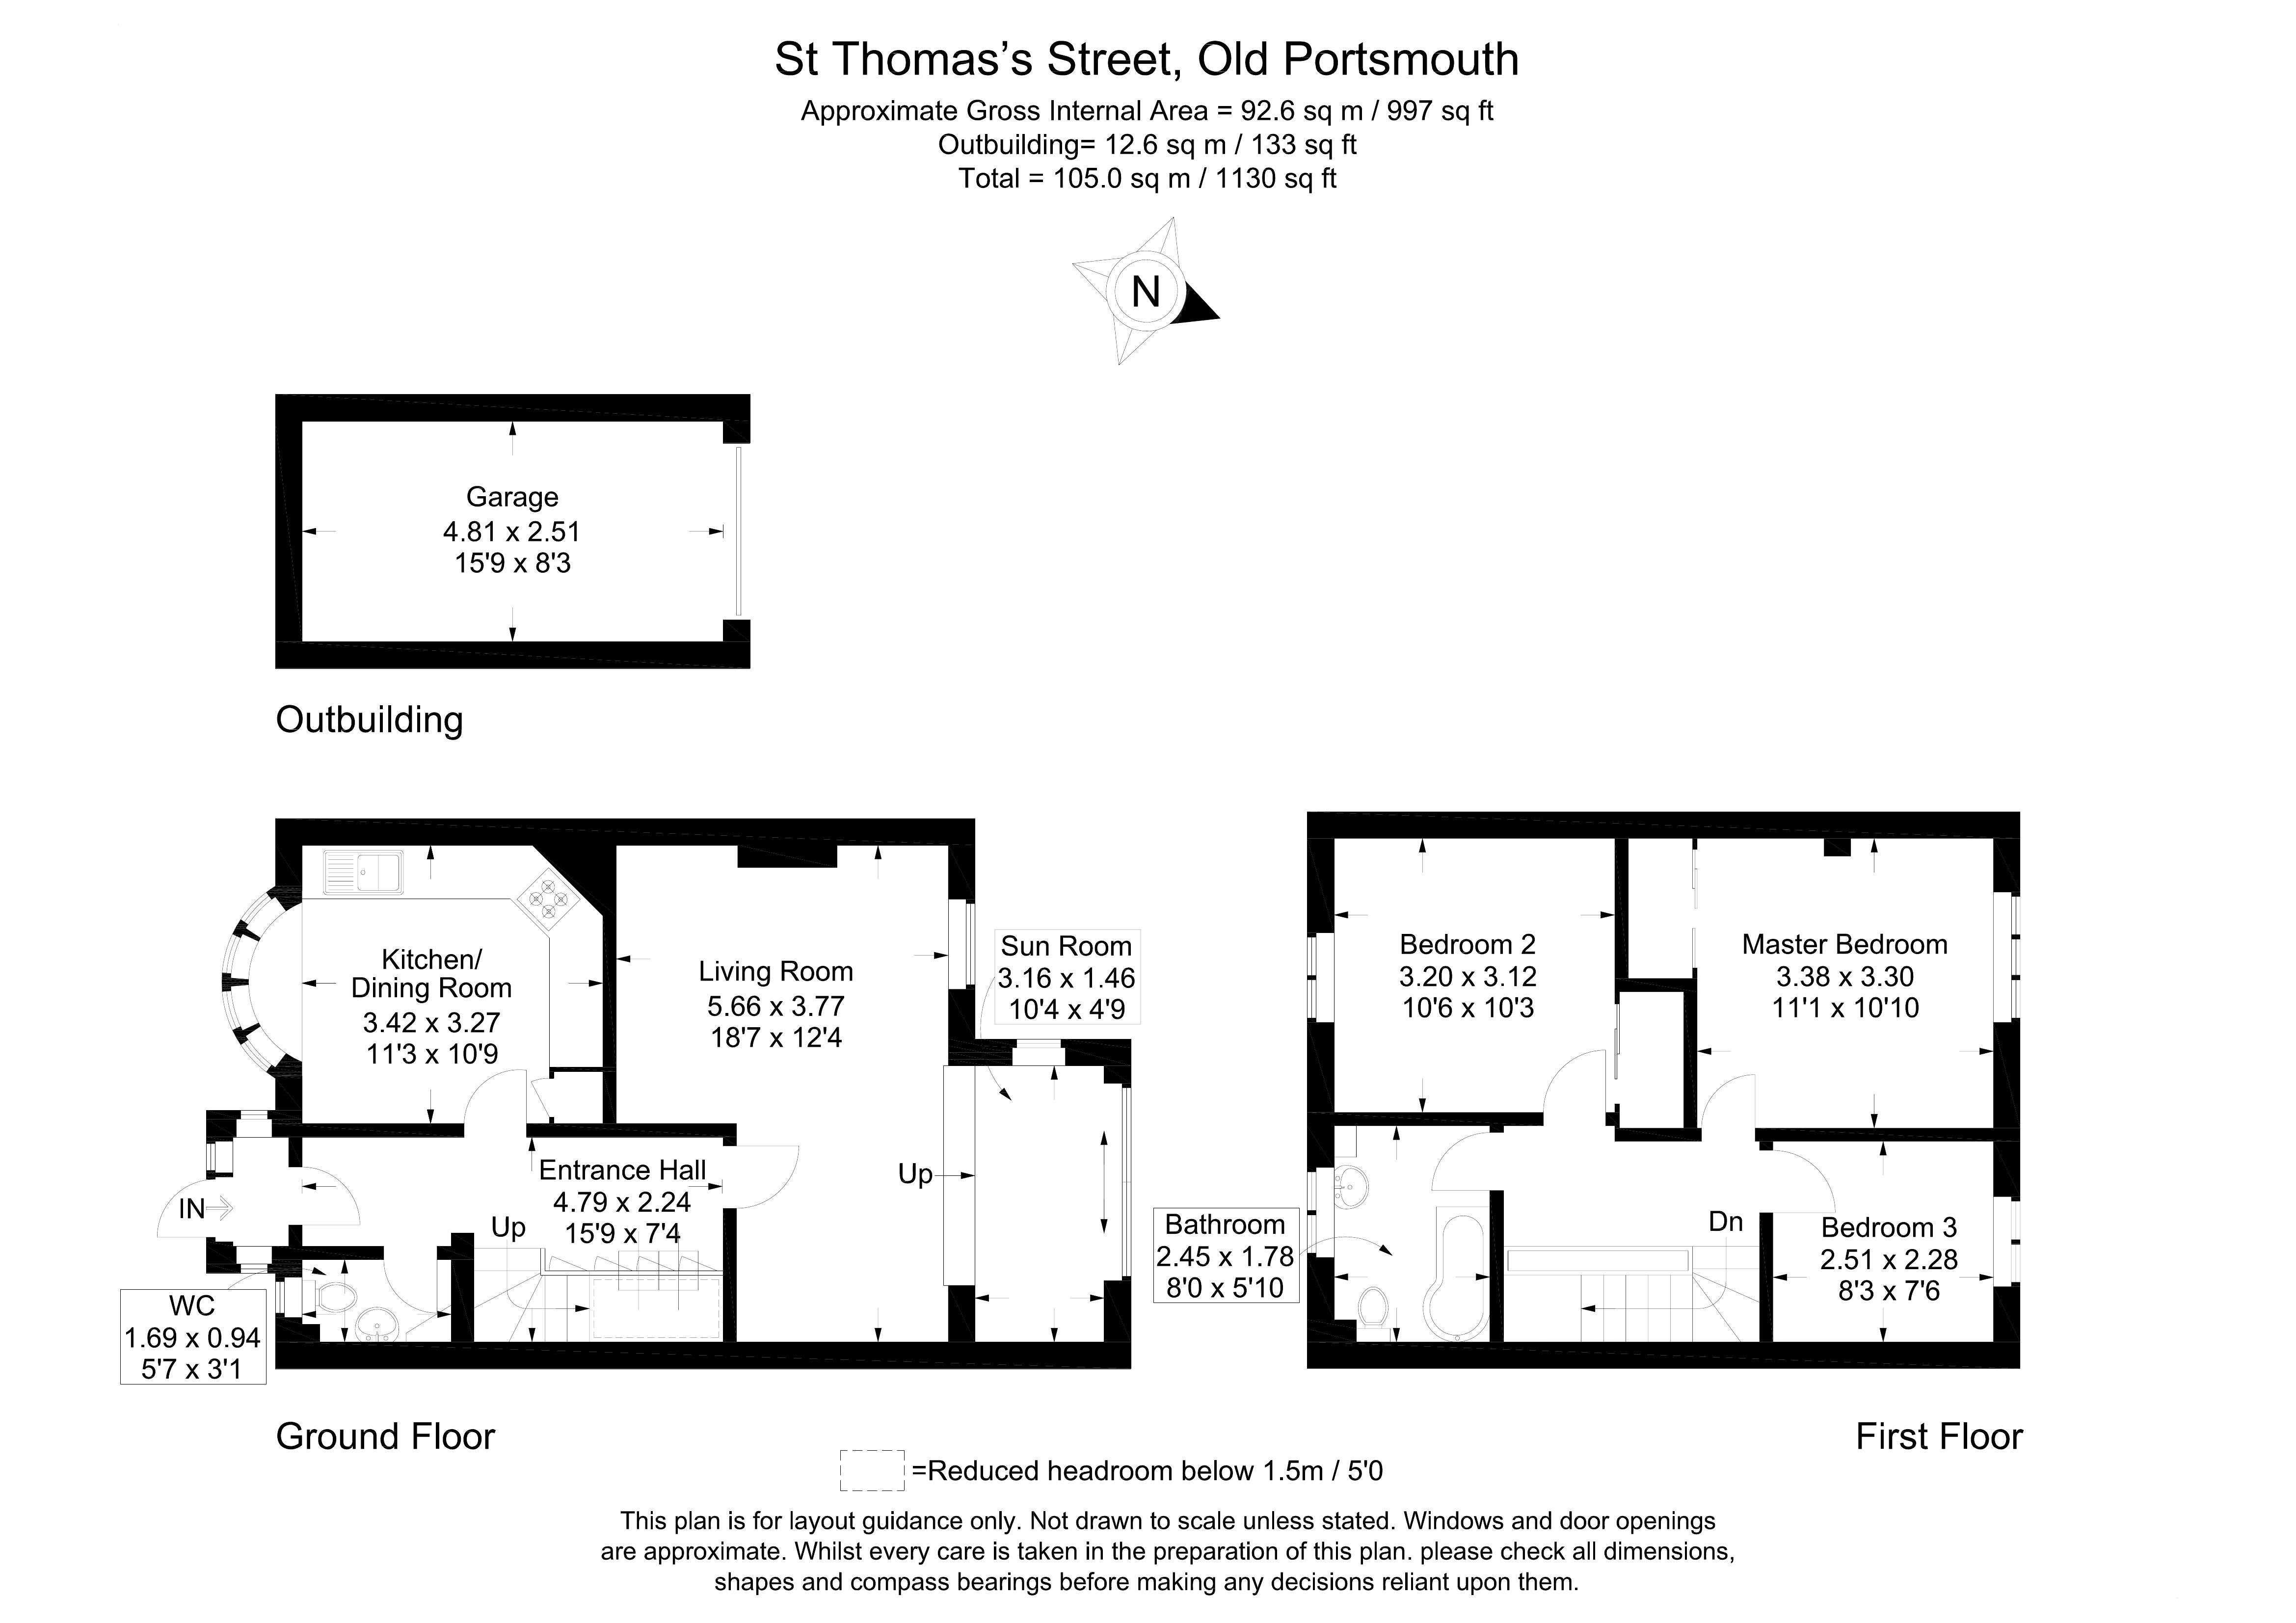 St. Thomas's Street